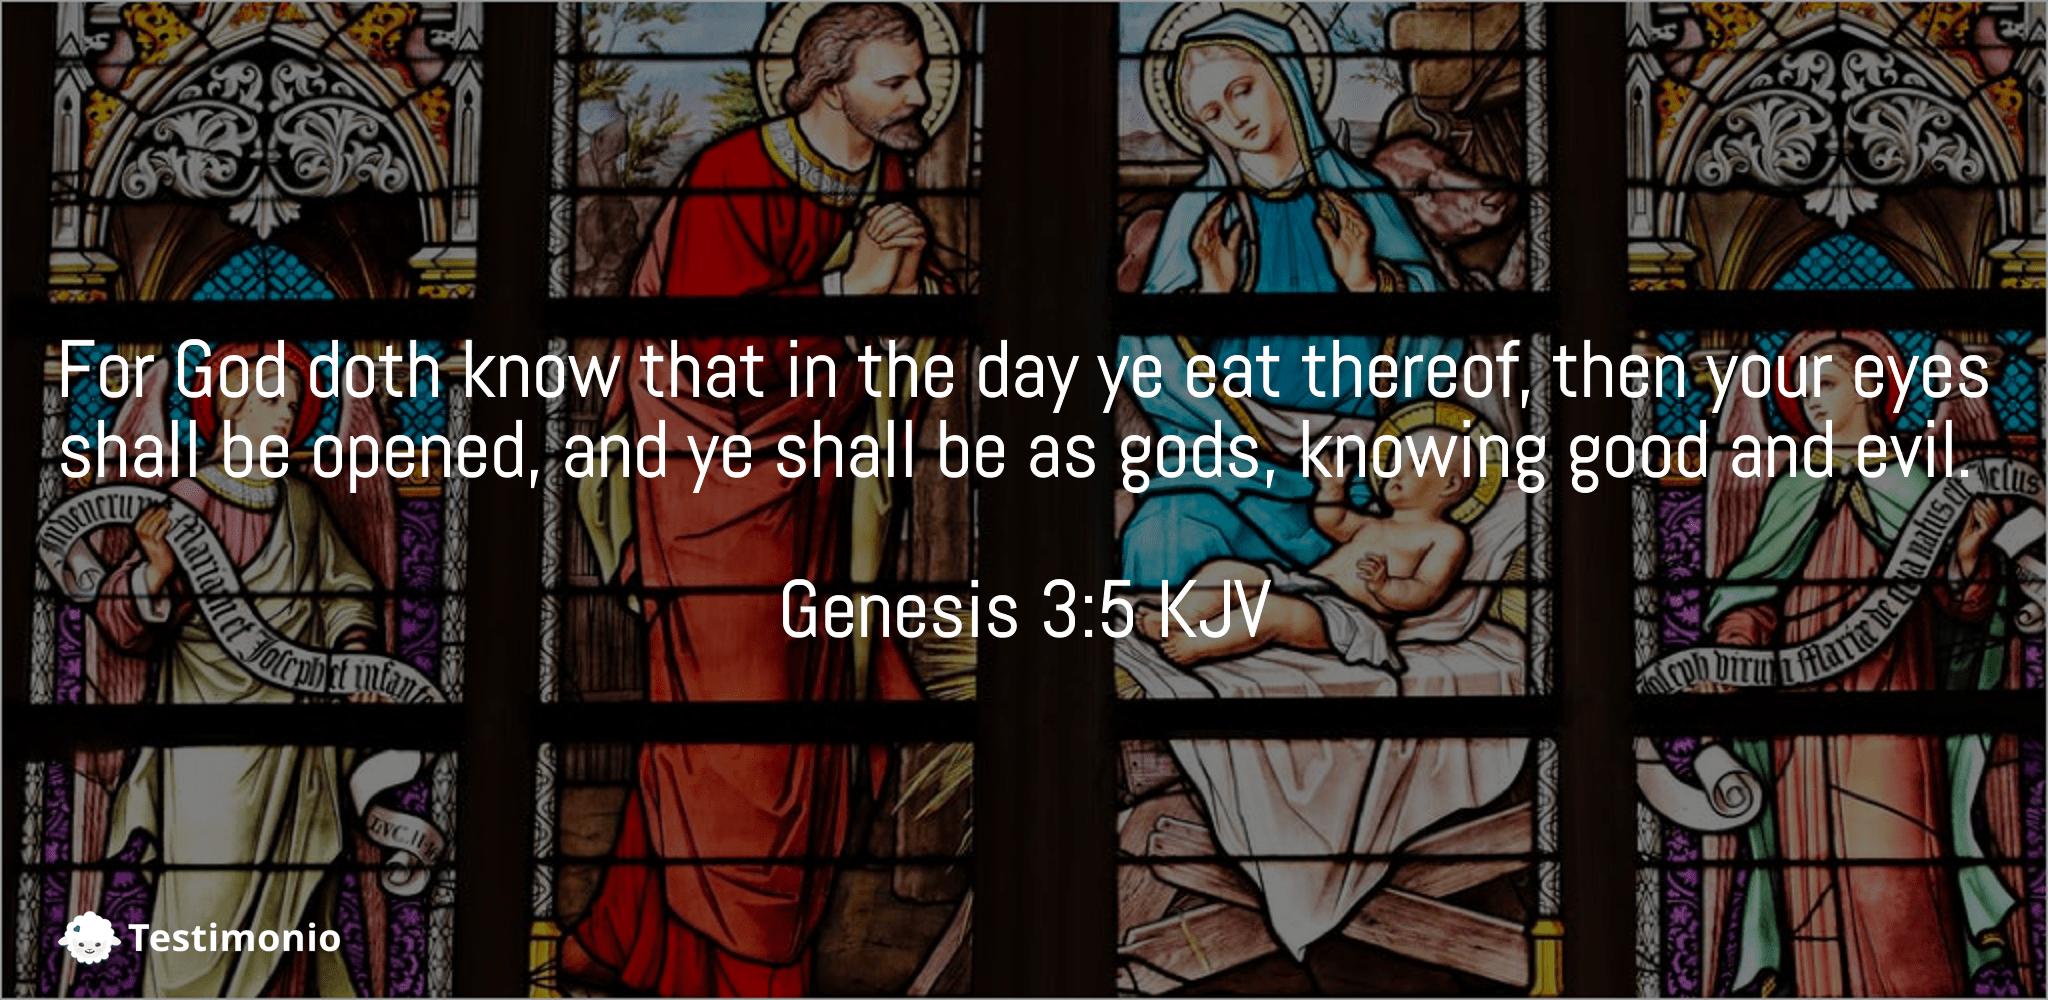 Genesis 3:5